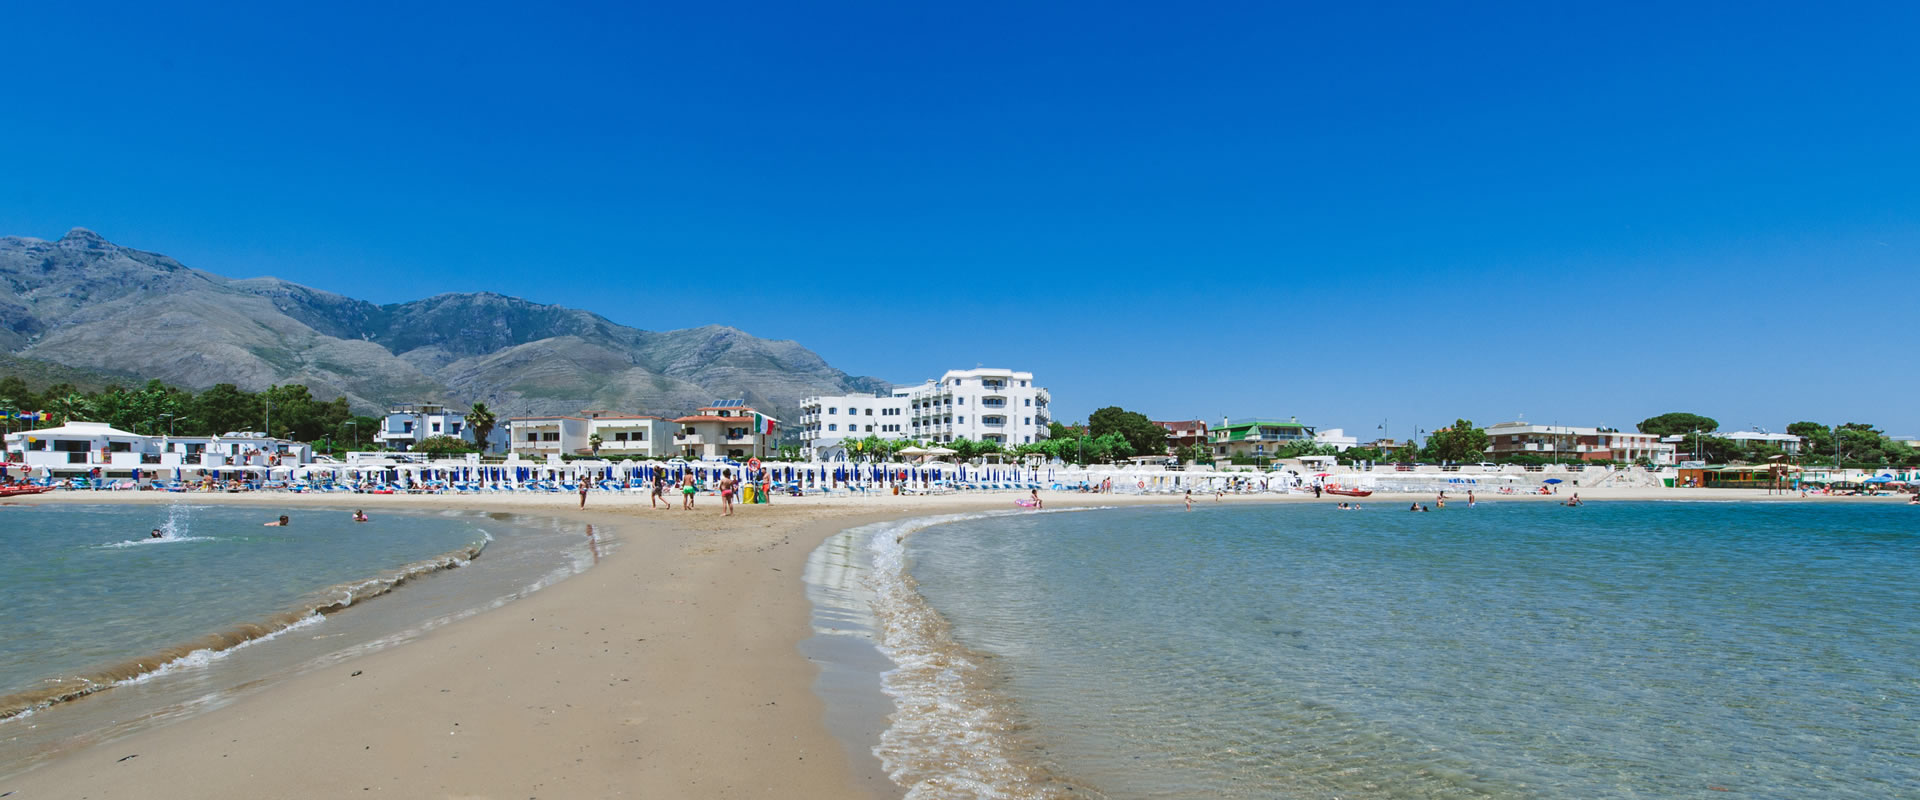 Hotel Bajamar Spiaggia